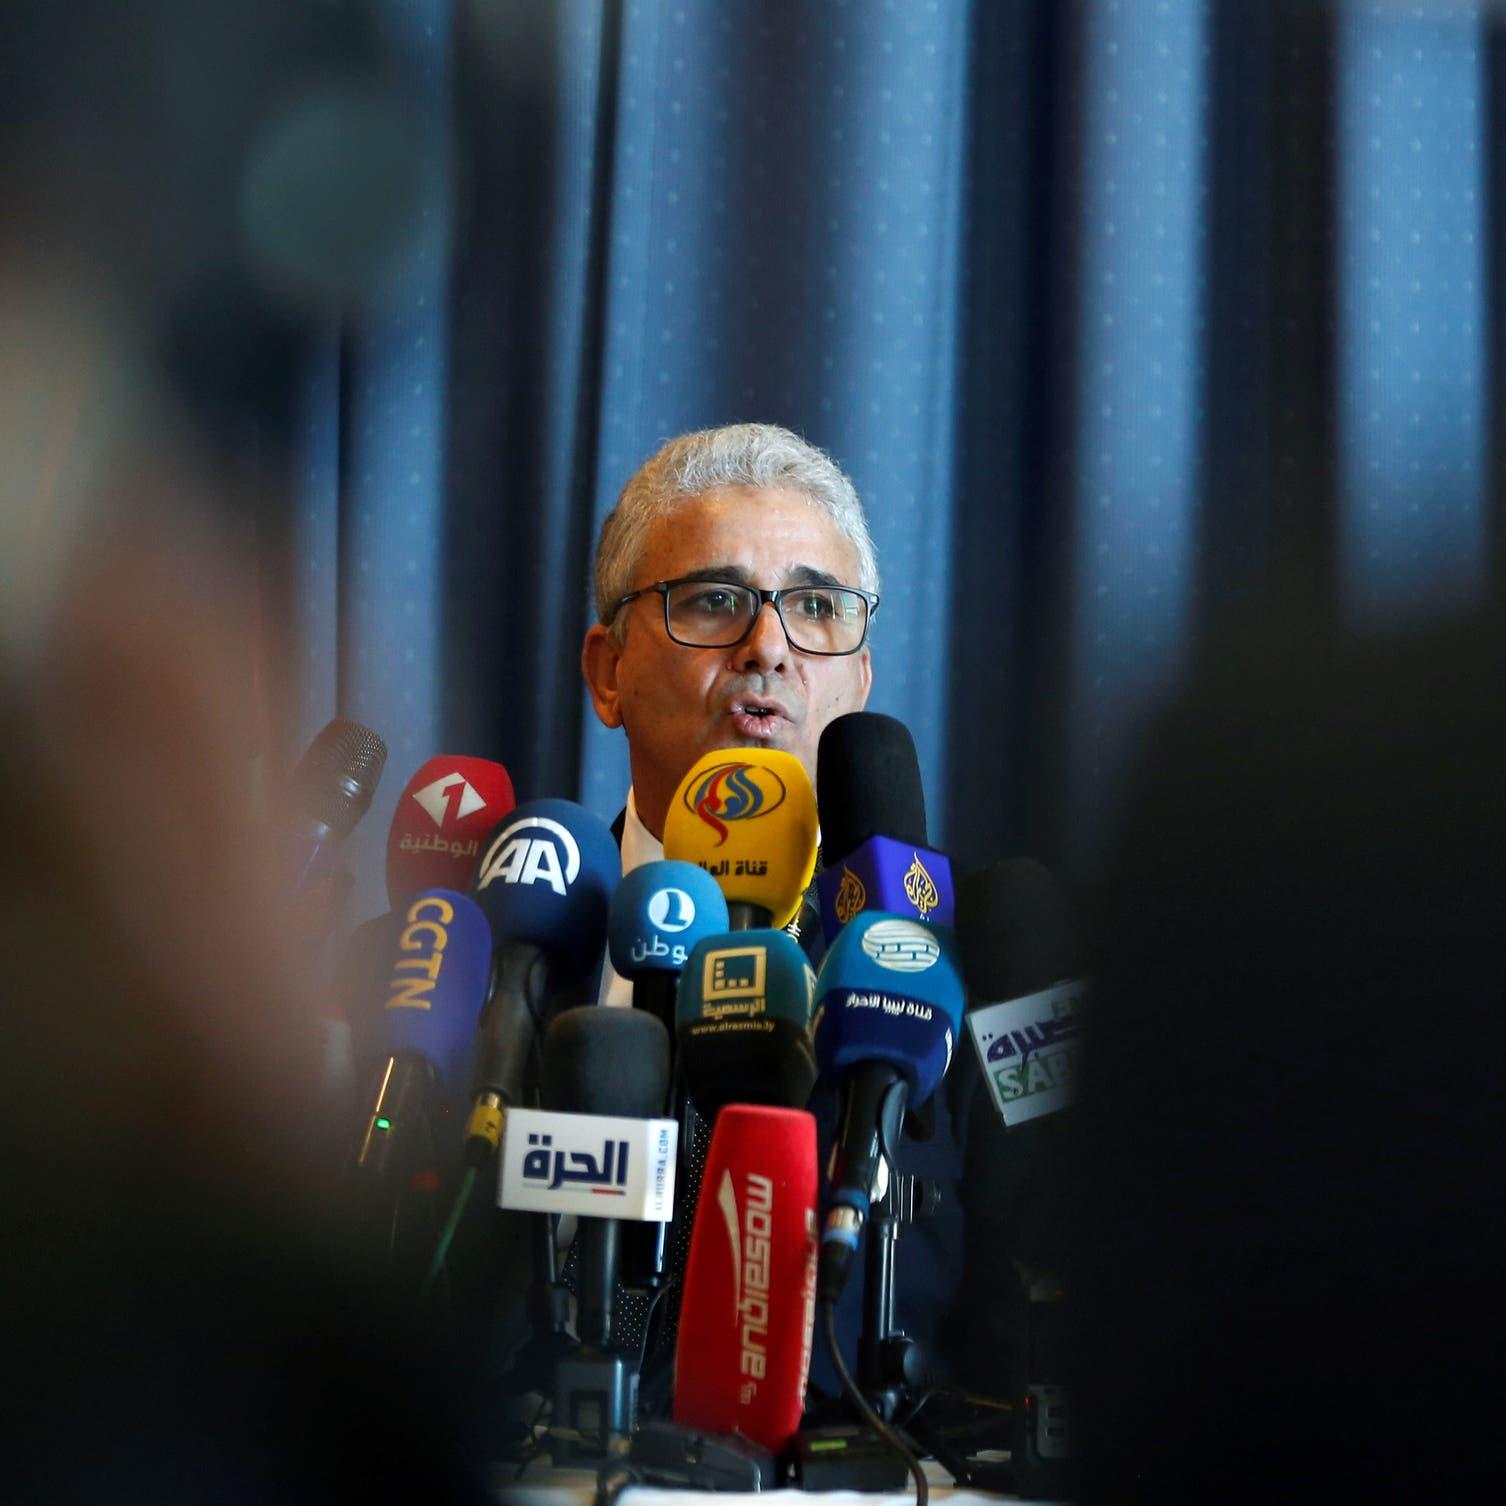 خلافات بين ميليشيات مصراتة وطرابلس بعد إقالة باشاغا